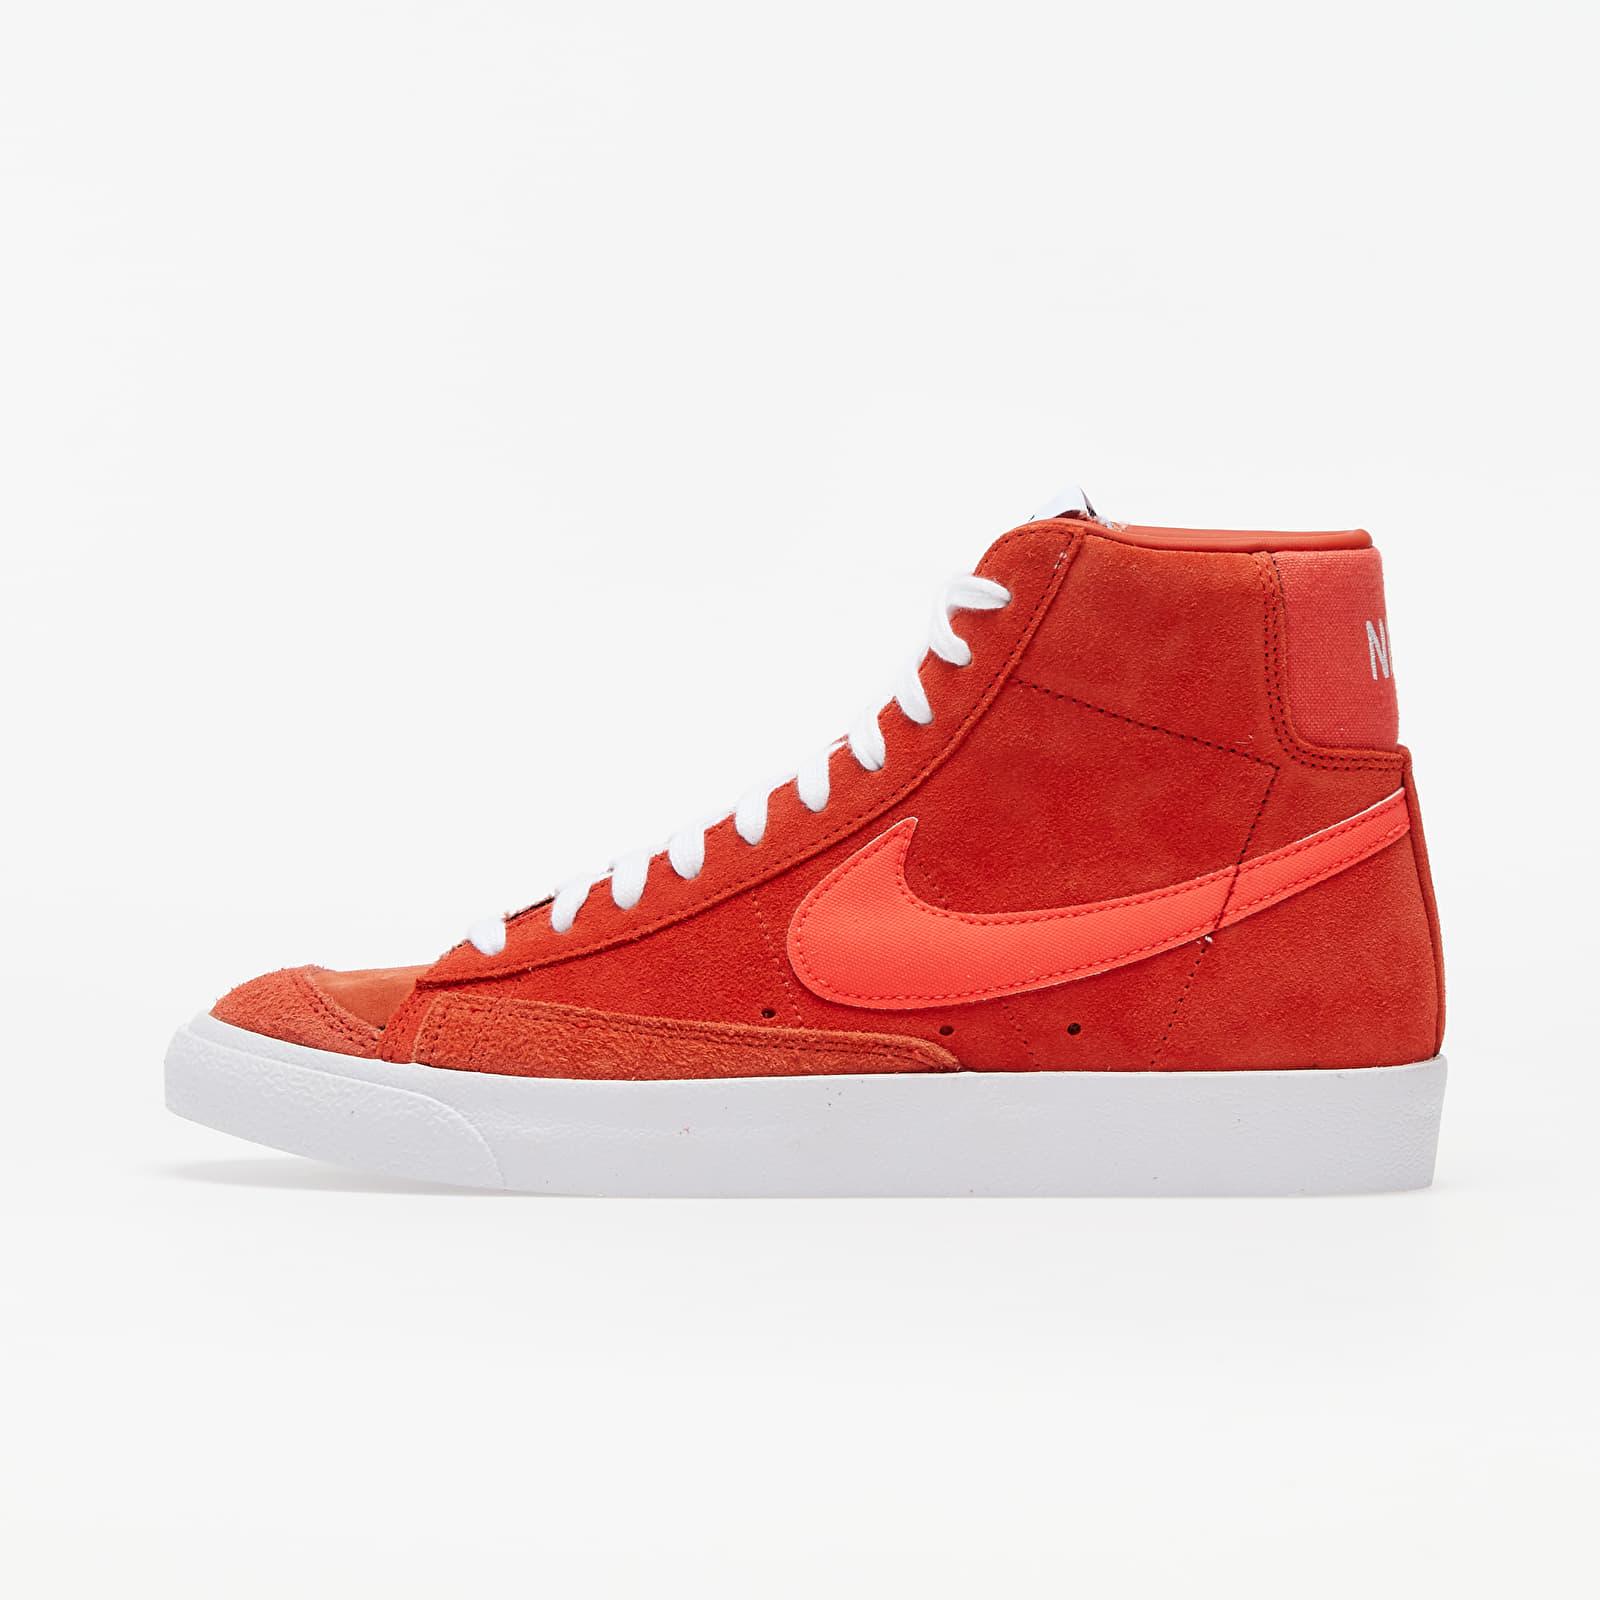 Nike Blazer '77 Vintage Suede Mix Mantra Orange/ Bright Crimson | Footshop